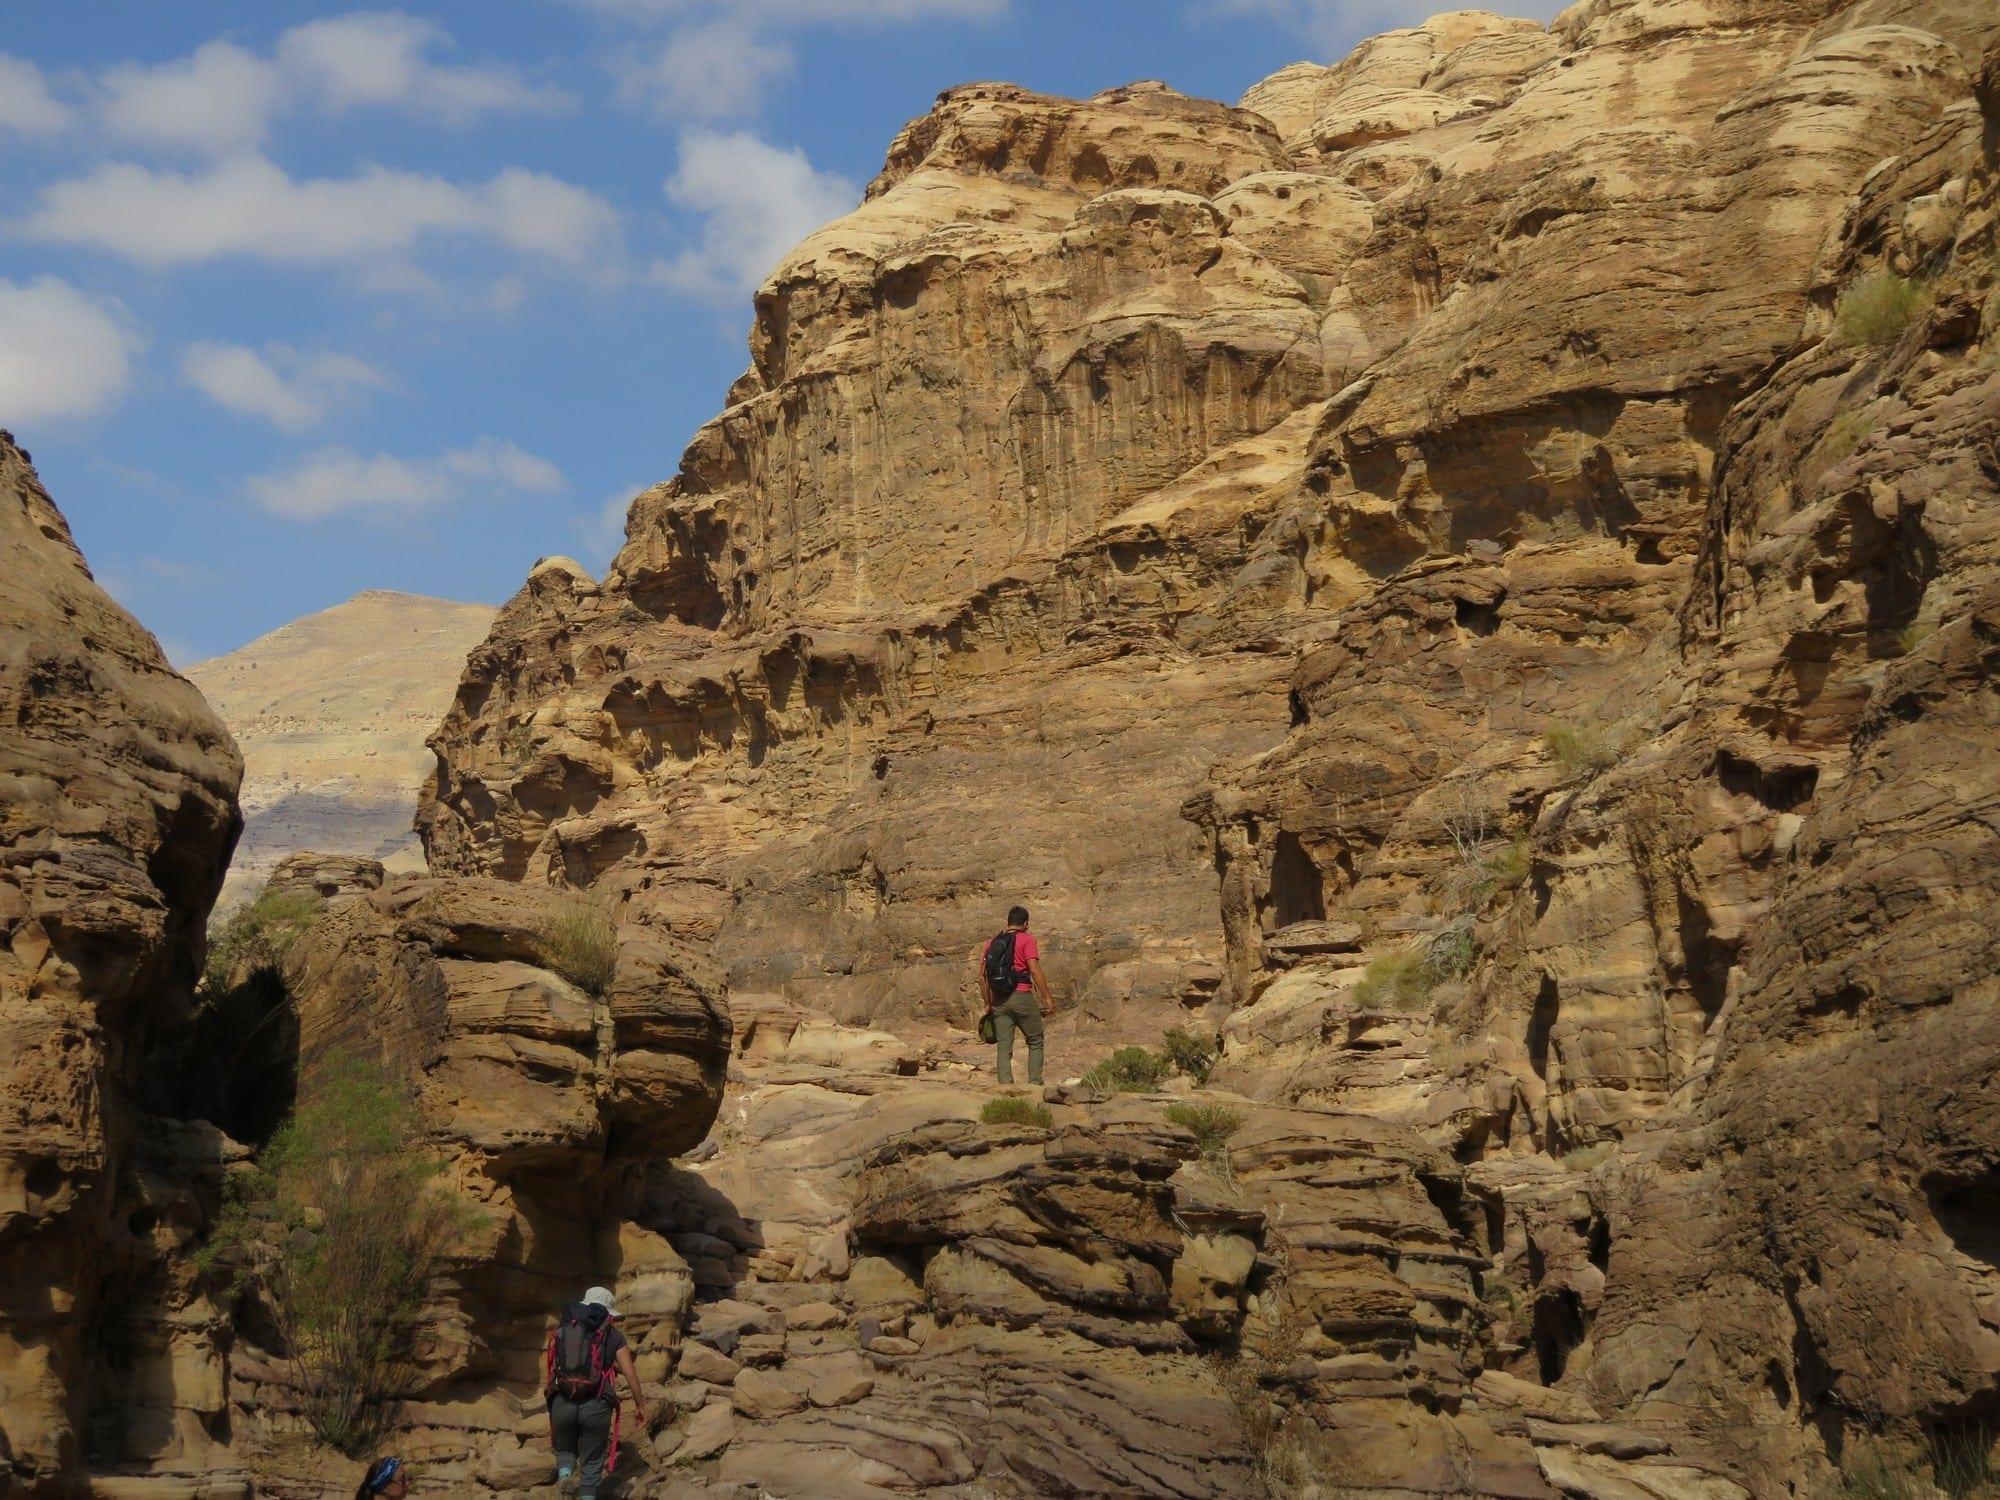 ראג'ף - מטיילים בירדן עם ערוצים בטבע